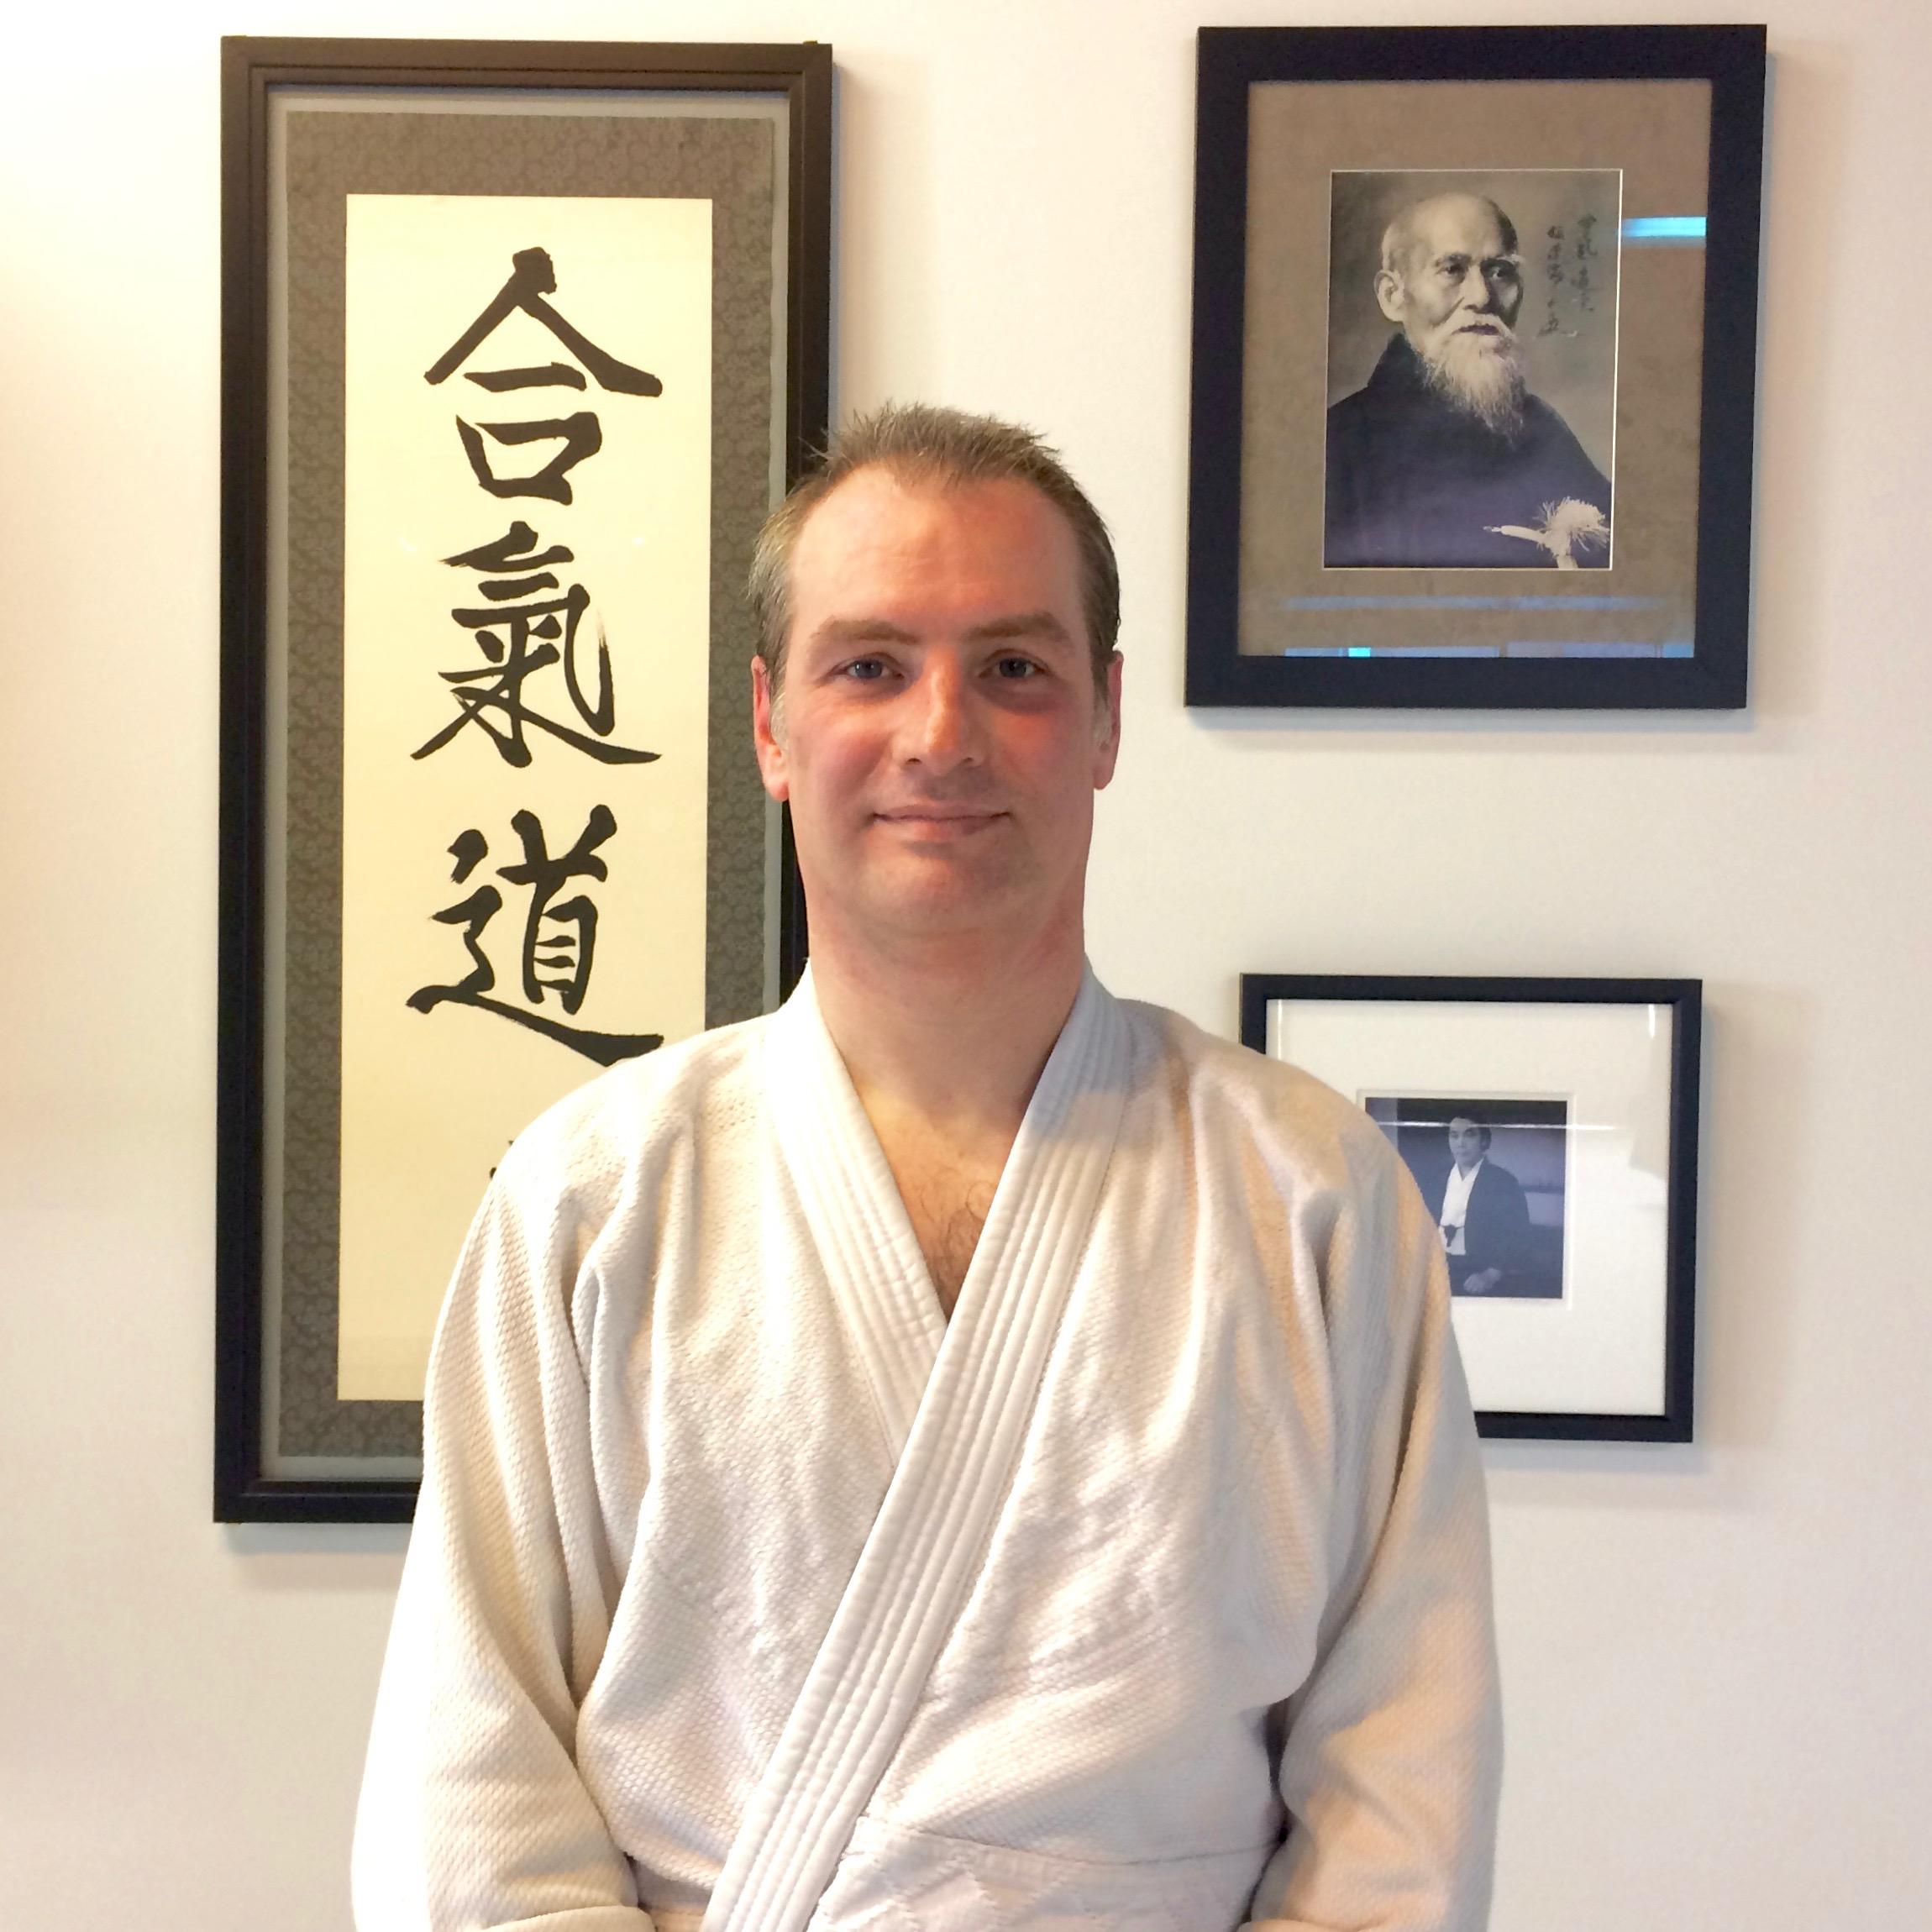 Sean Lent - A high school social studies teacher, Sean came to Portland Aikido in 2012.